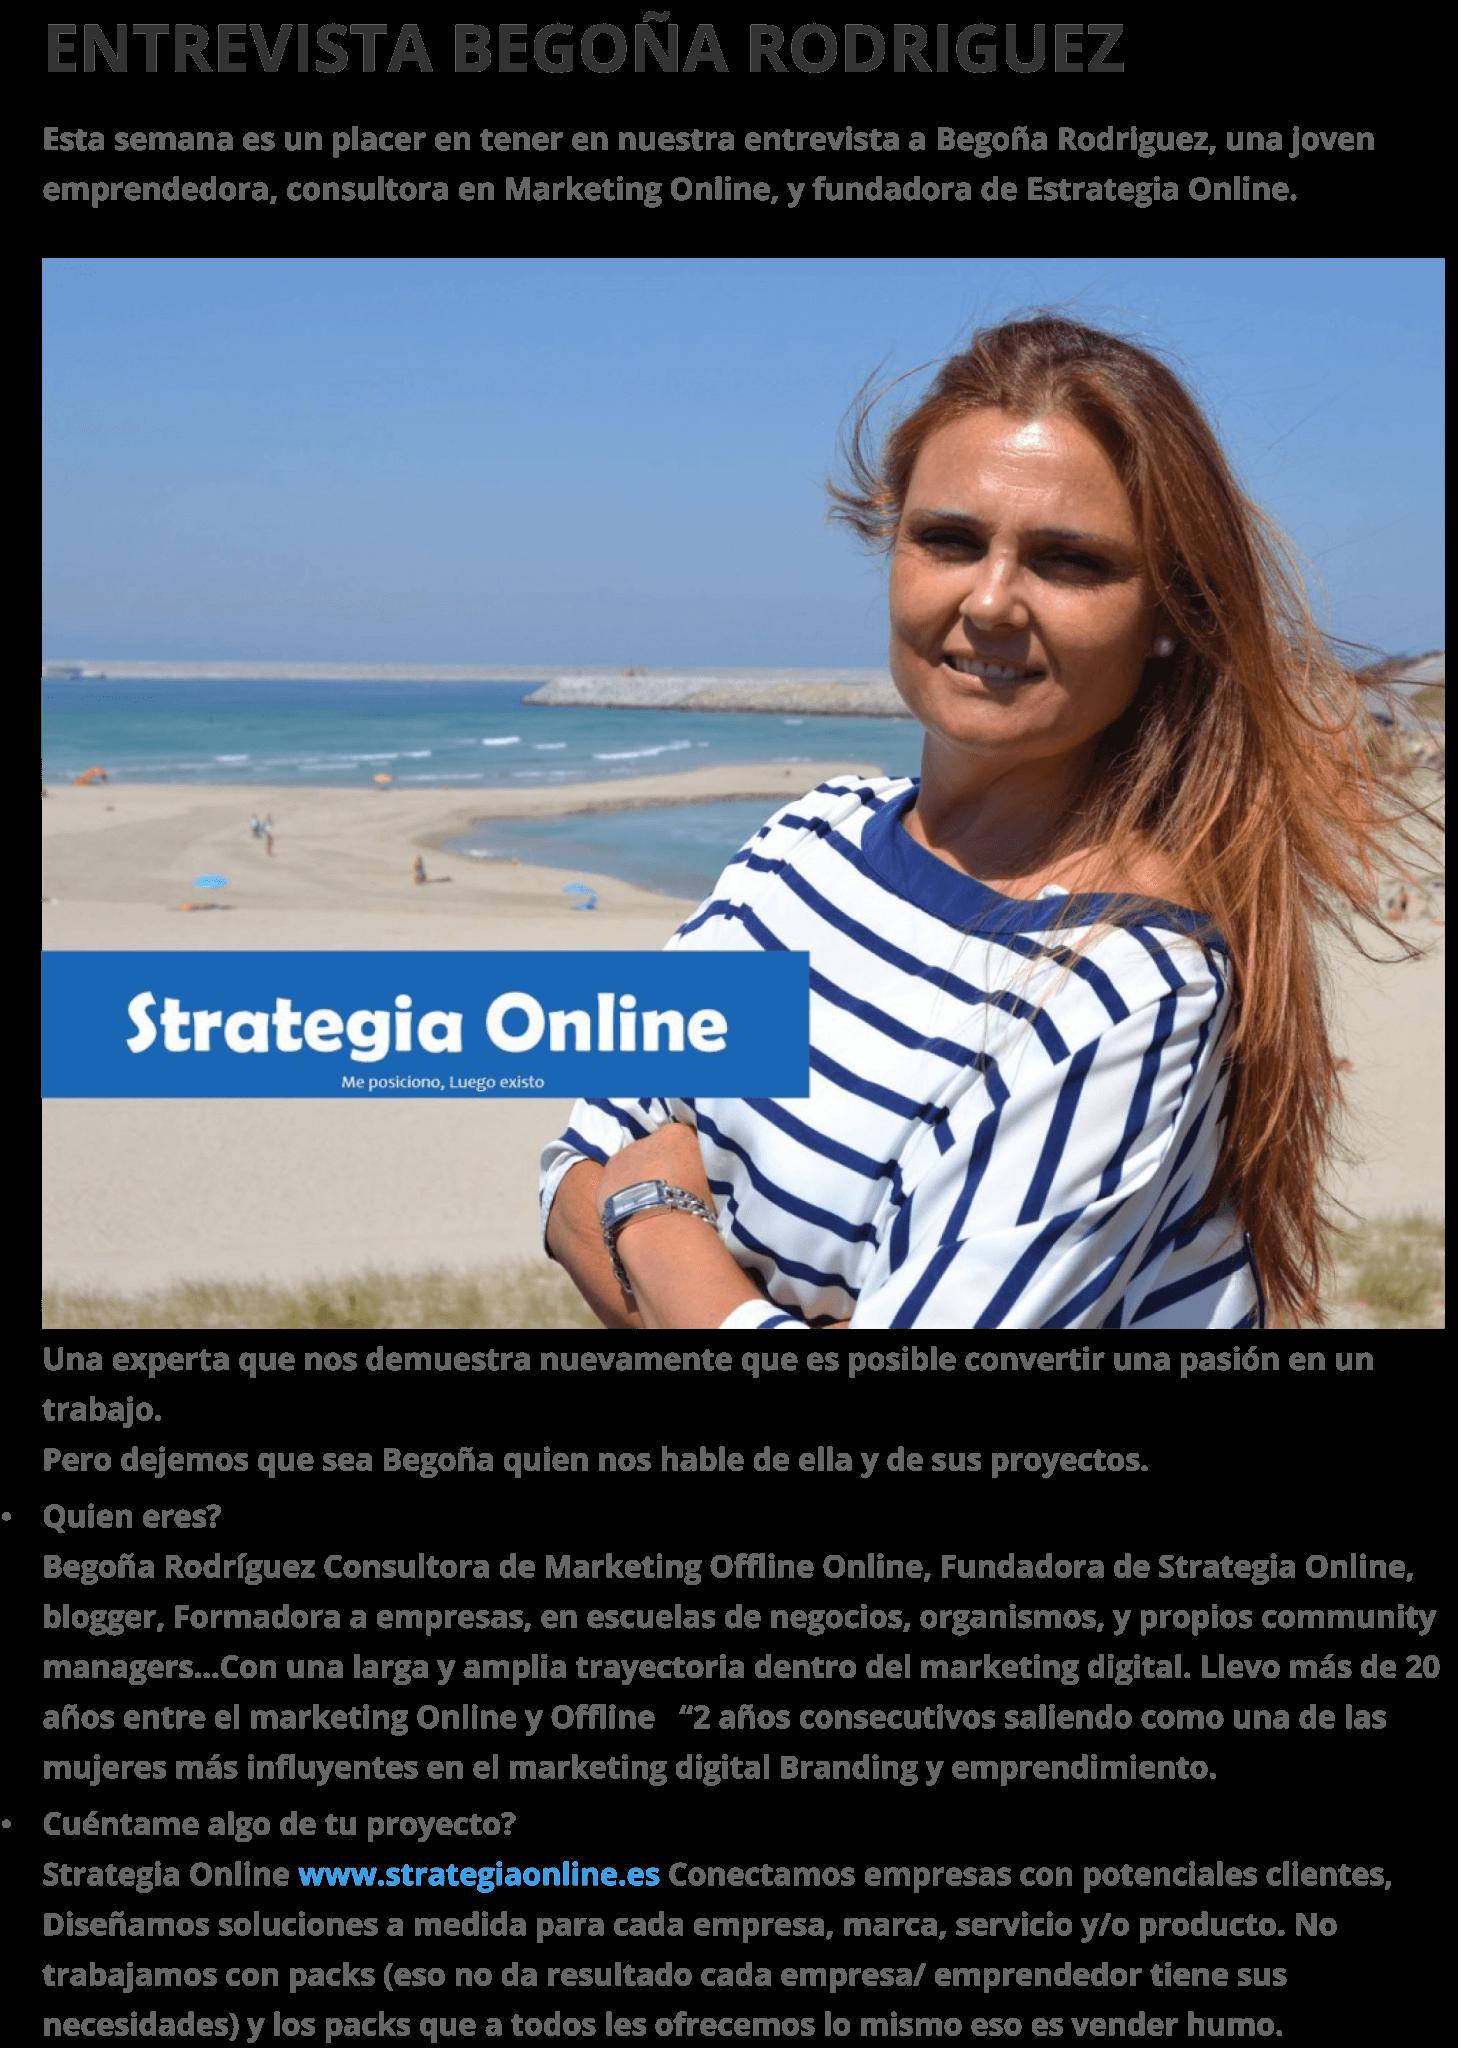 Entrevista: Conociendo los comienzos de Begoña Rodríguez Founder Strategia Online.